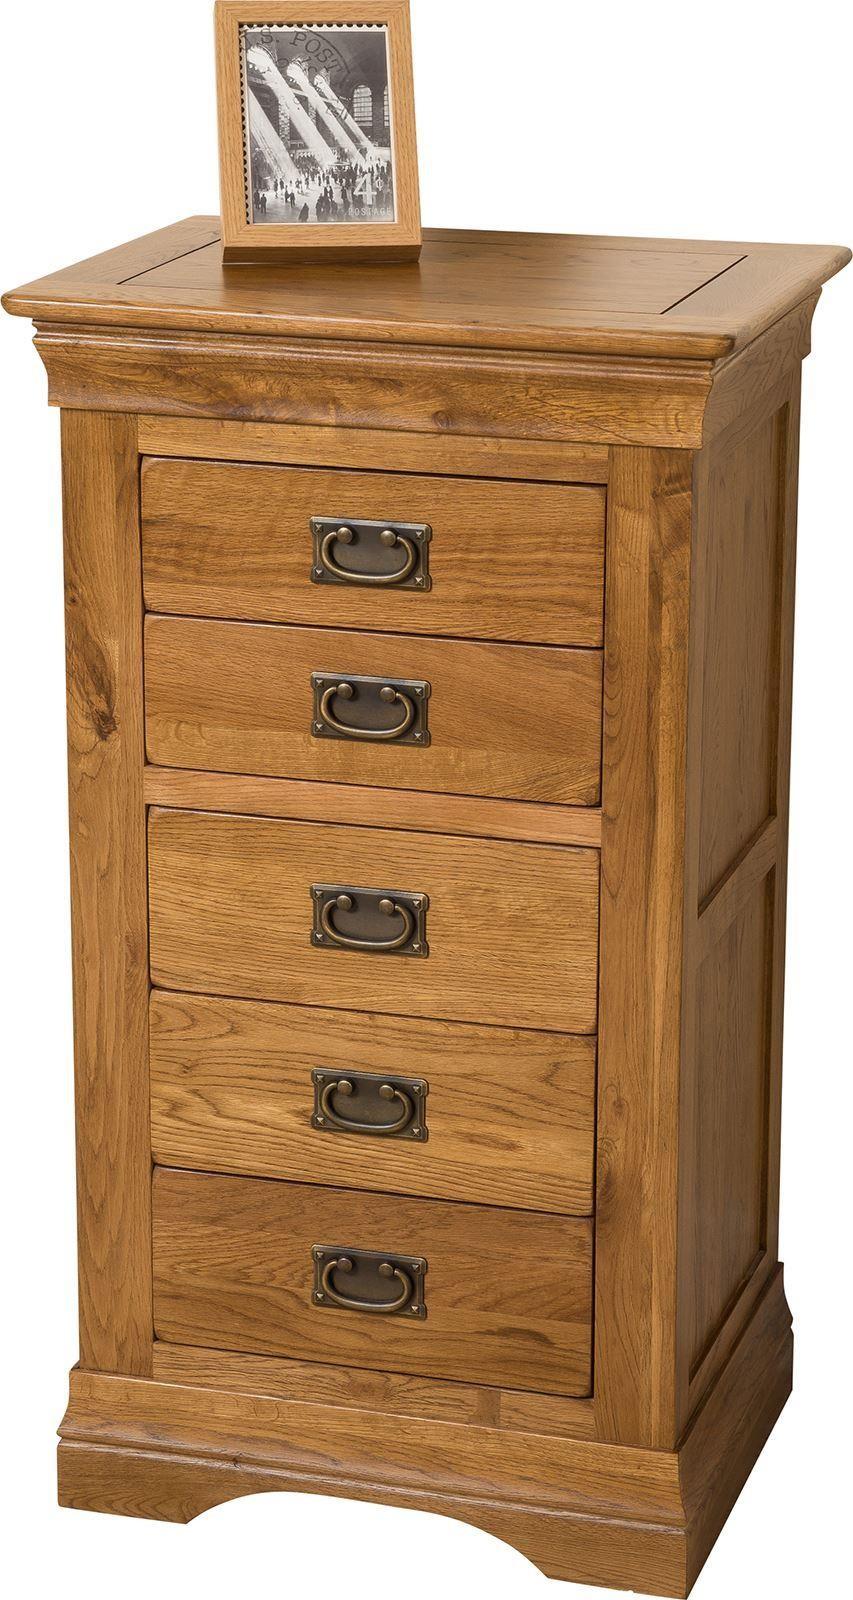 French Chateau Rustic Solid Oak Tallboy [5 drawer]